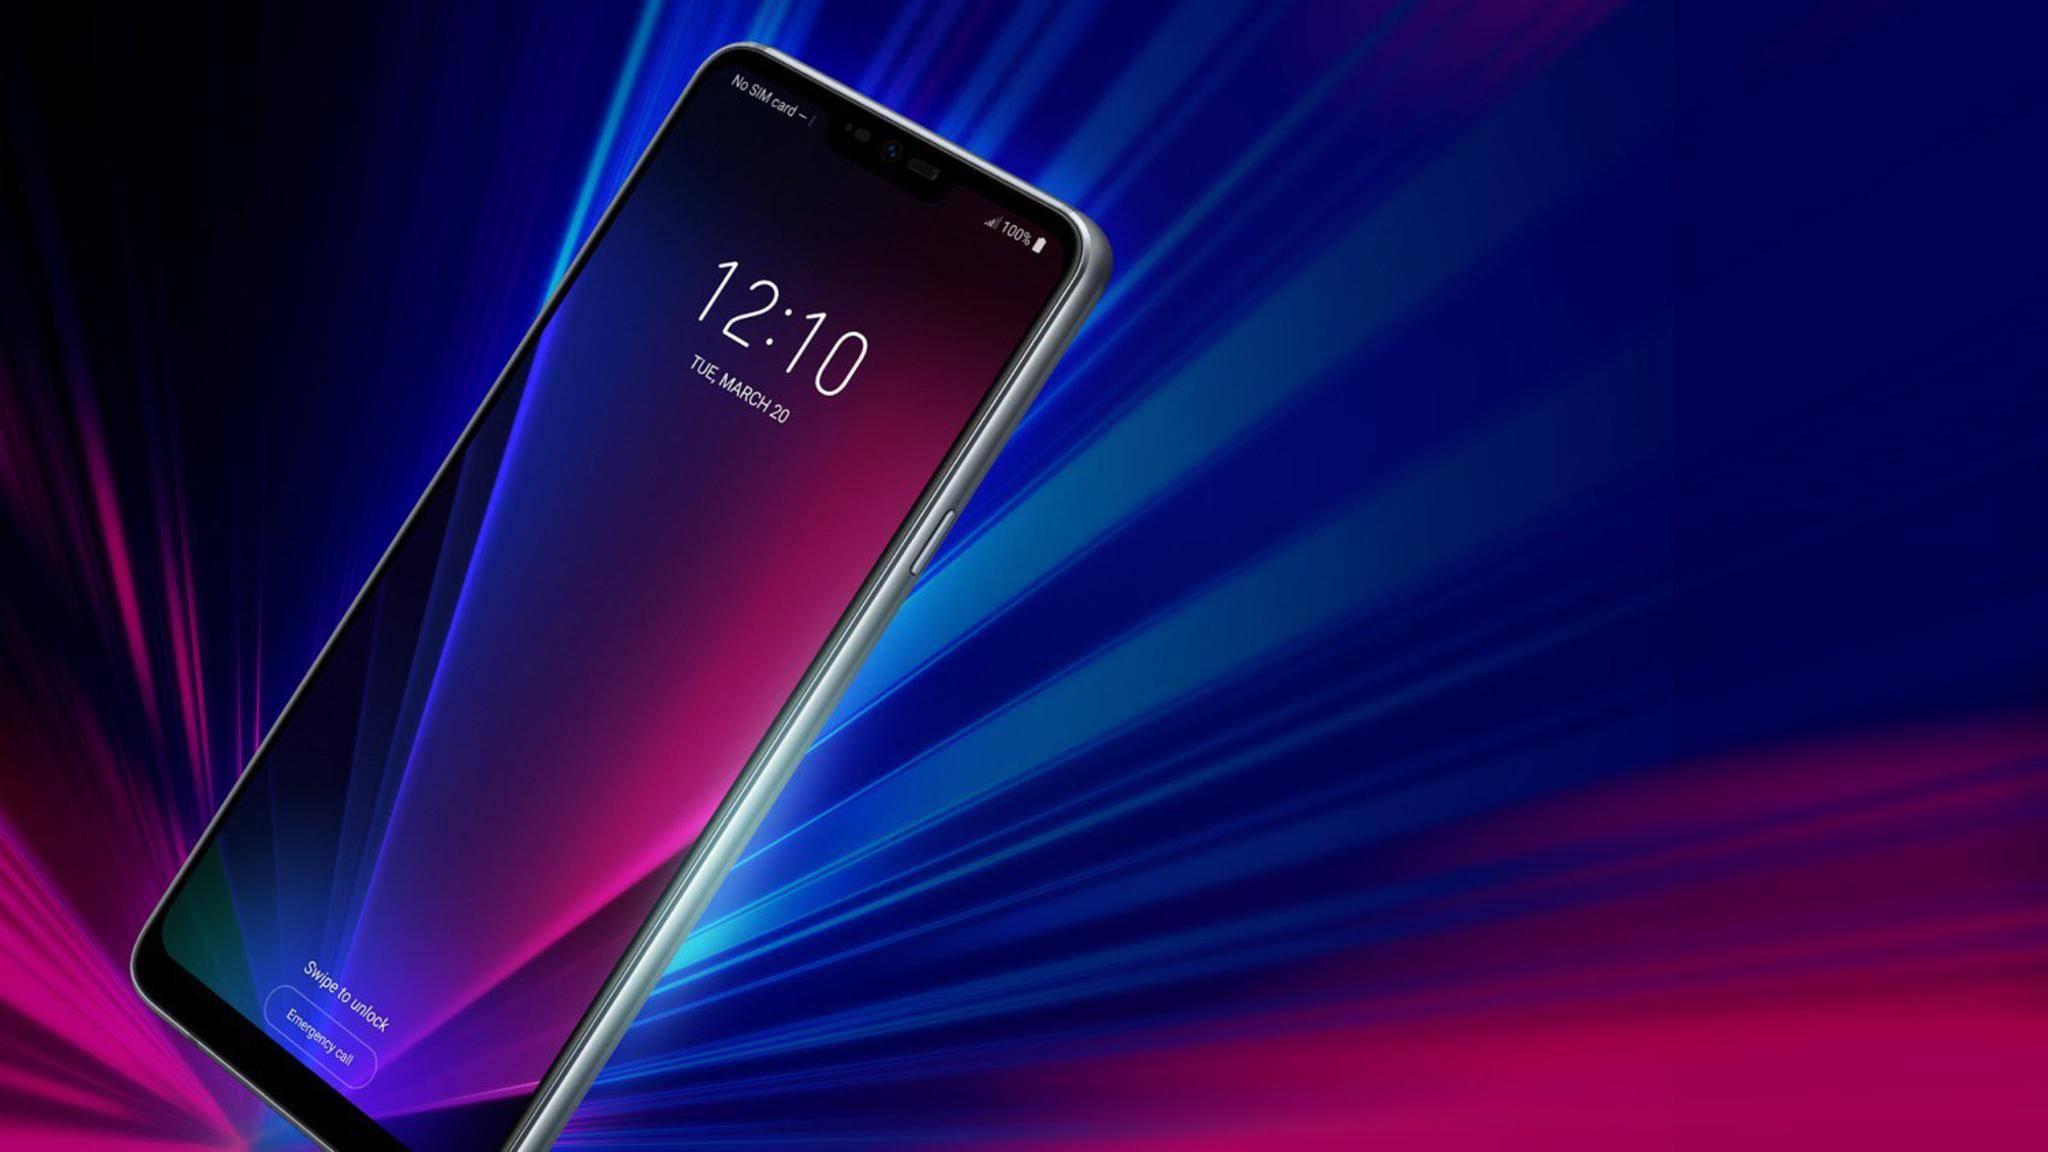 Das IPS-Display des LG G7 ThinQ soll mit einer sehr hohen Maximalhelligkeit überzeugen.